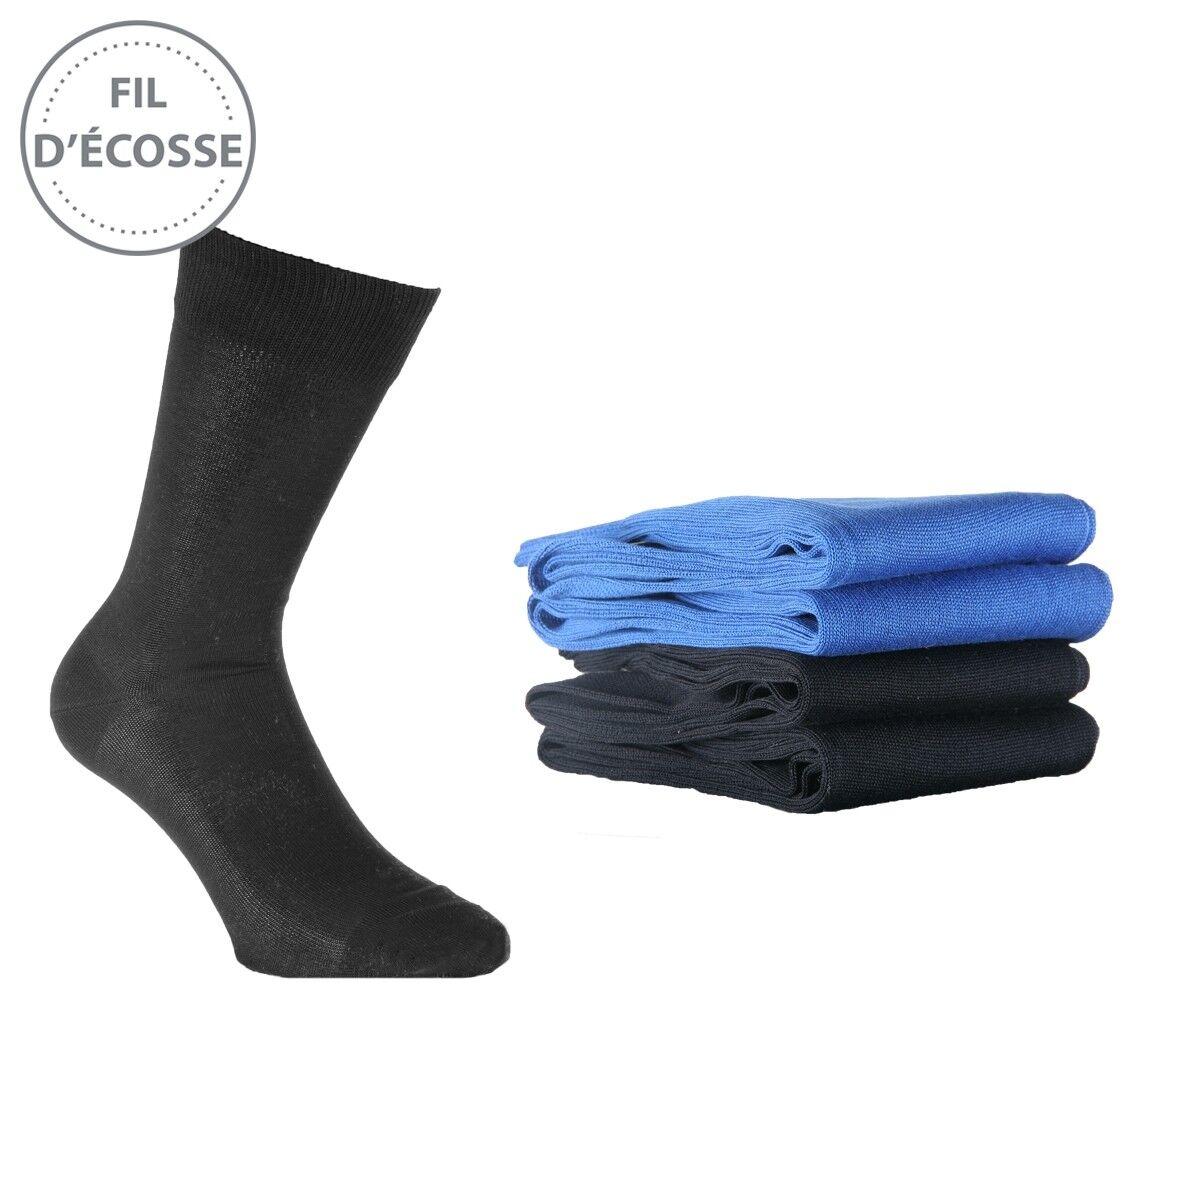 chaussettes fil d cosse homme lot de 4 ozabi. Black Bedroom Furniture Sets. Home Design Ideas